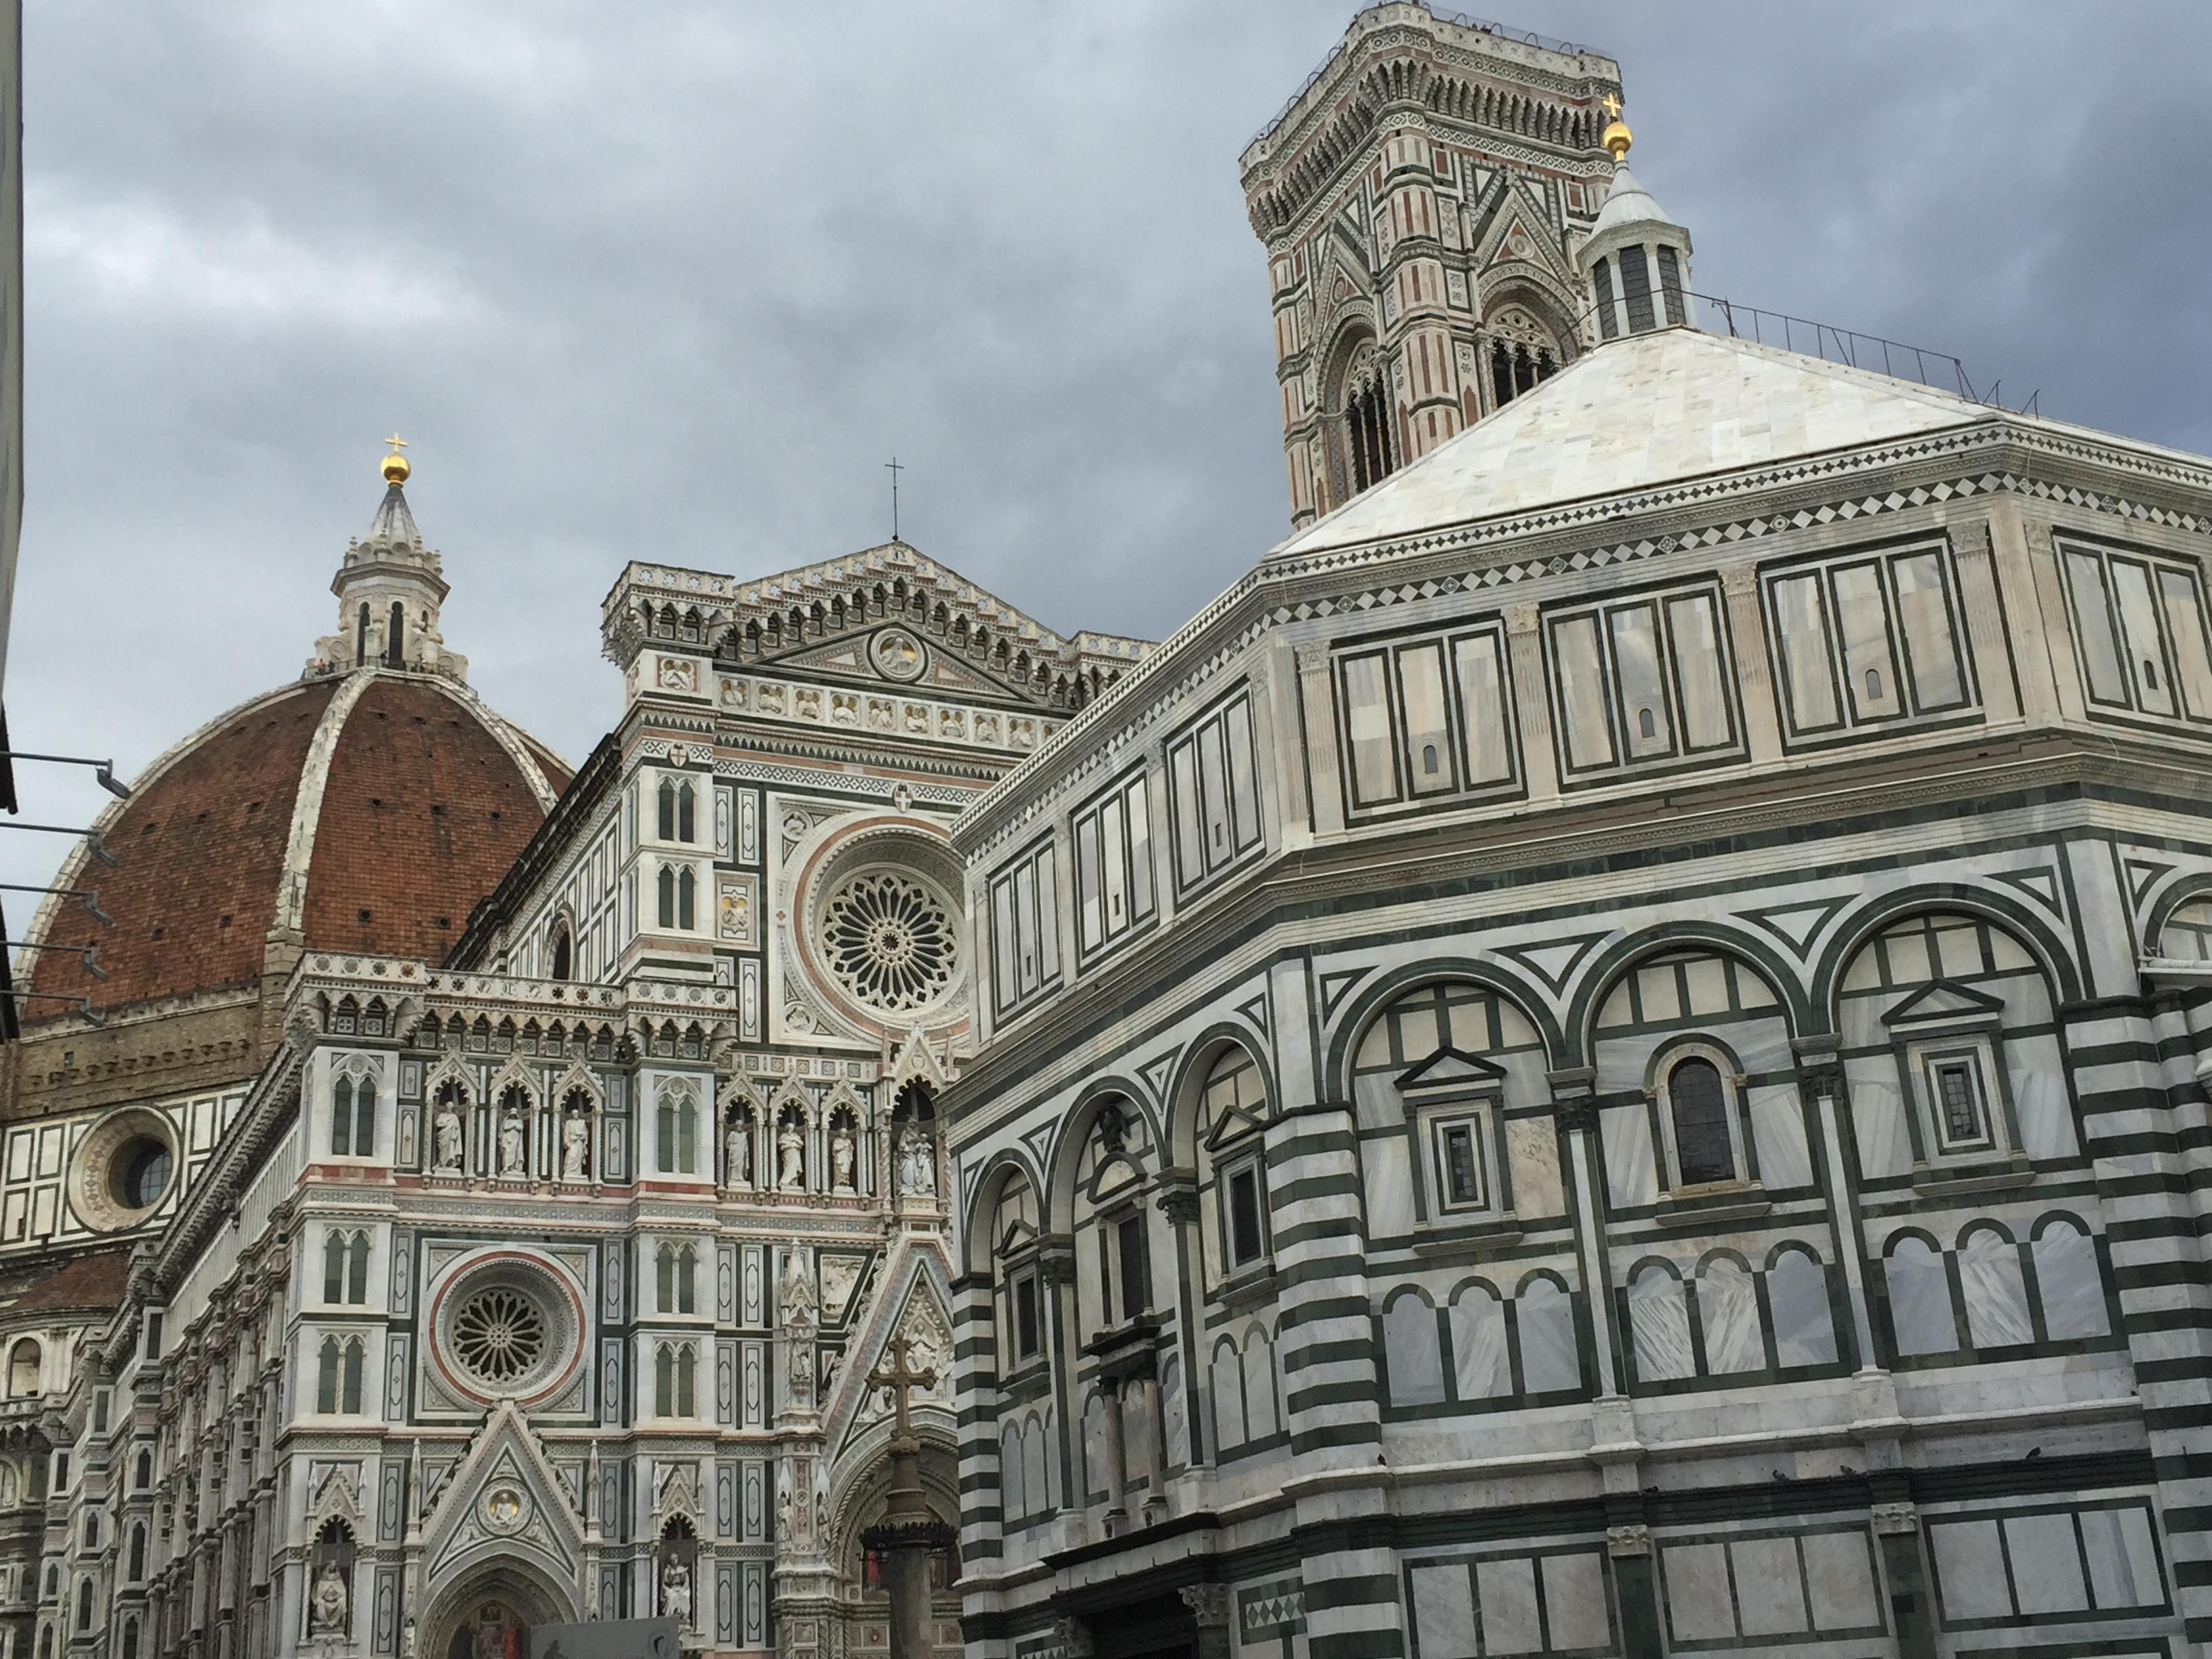 img 1242 - Visitando la Catedral Santa Maria del Fiore de Florencia III/III